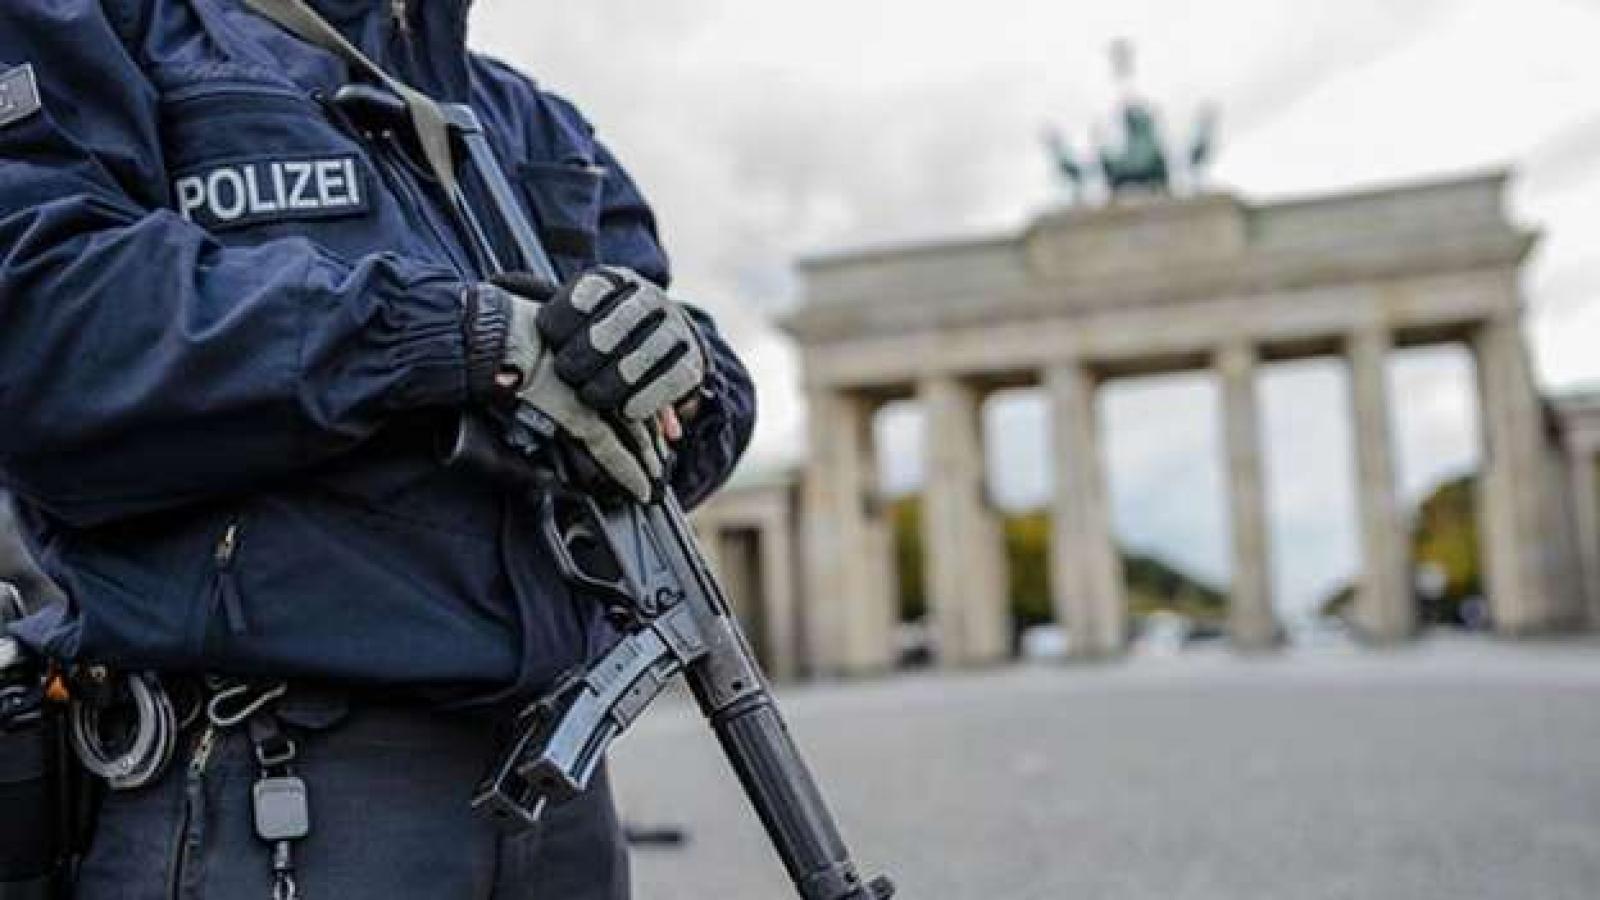 Almanya'da 37 noktada kara para aklama operasyonu: 8 gözaltı